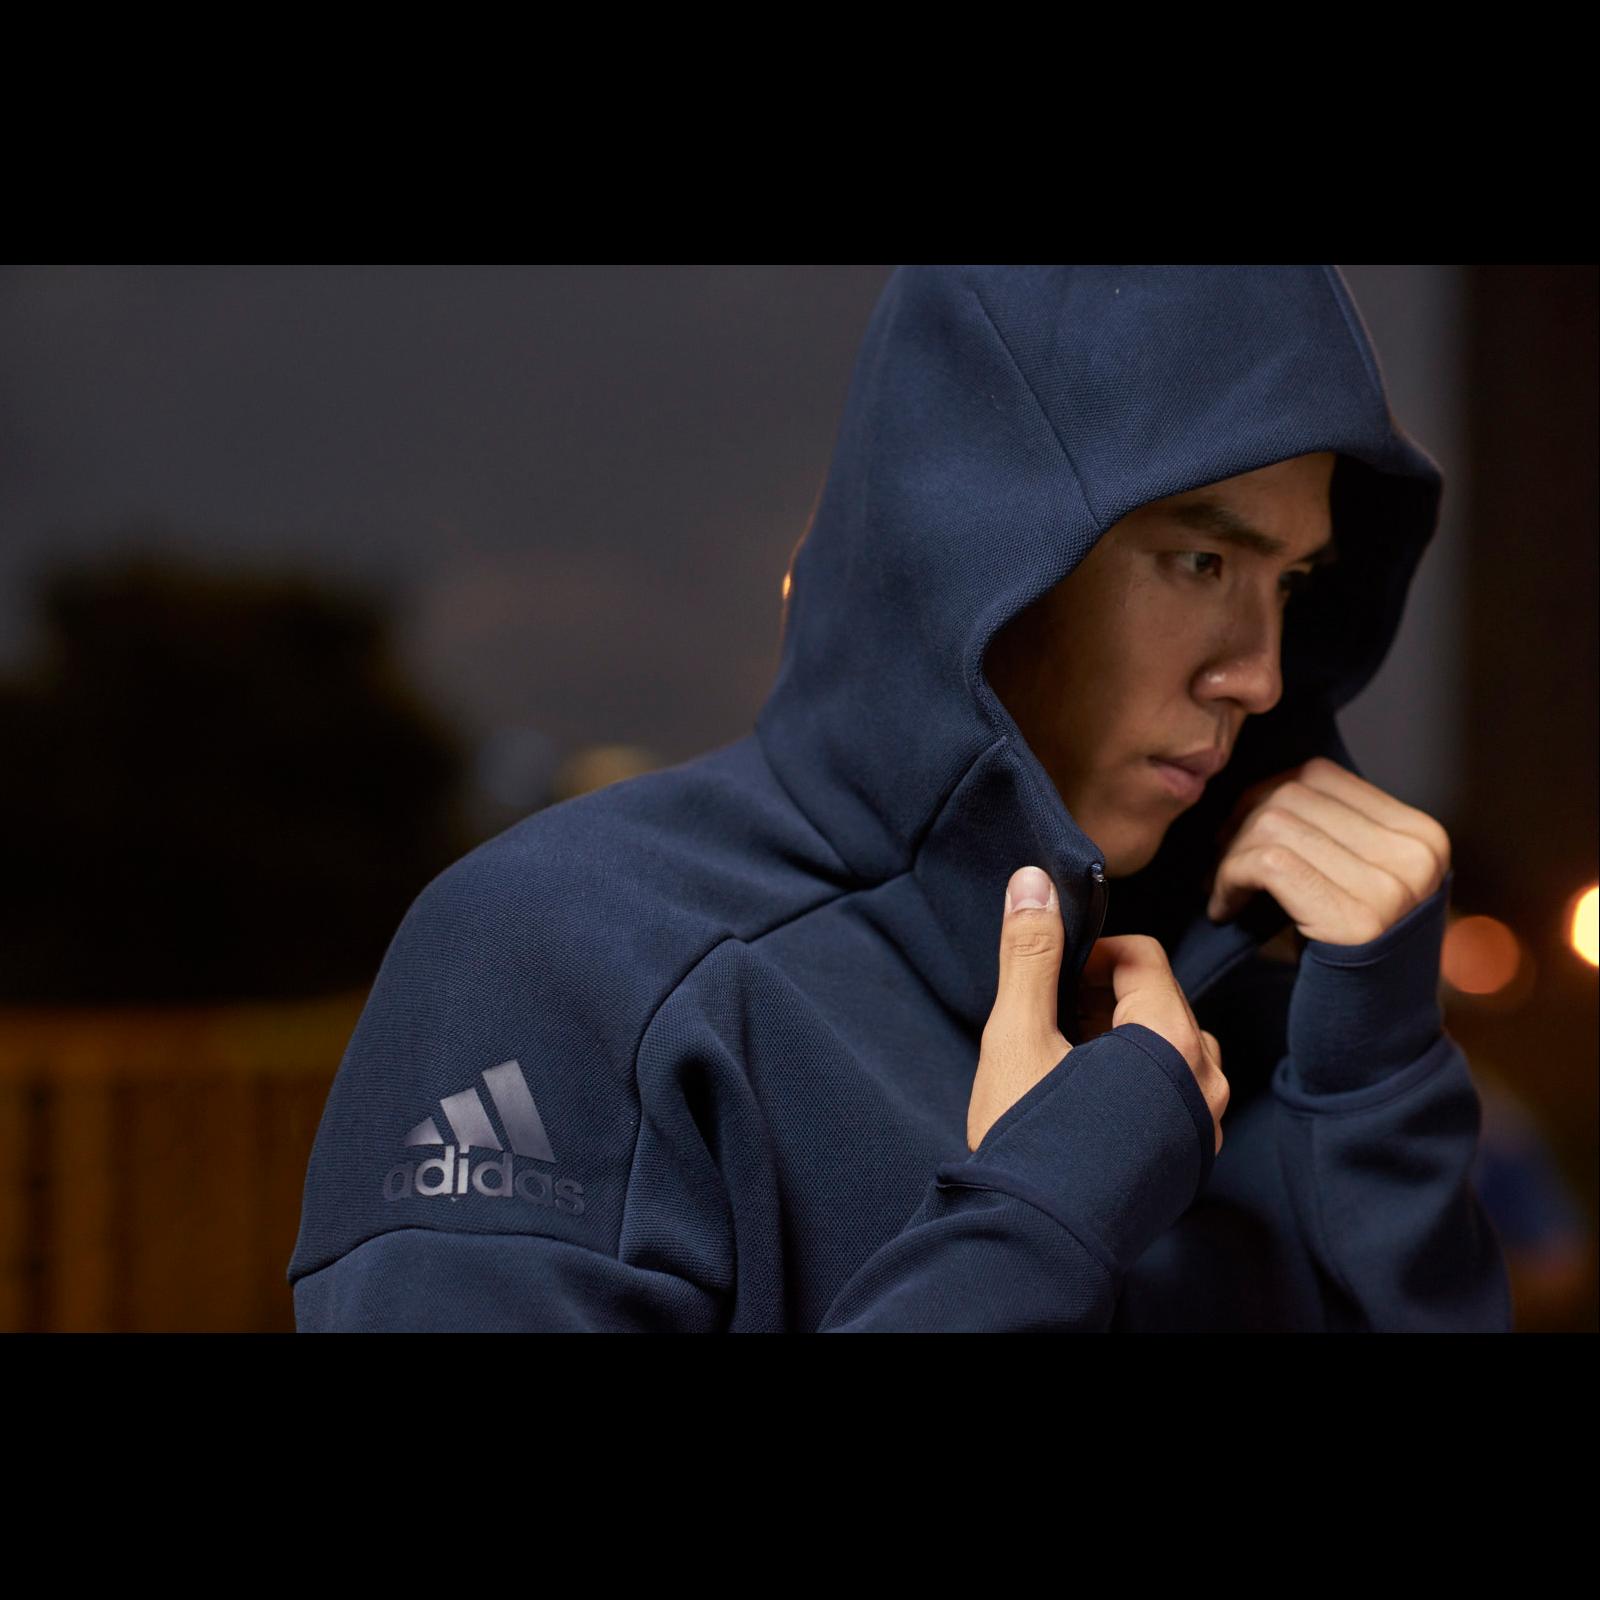 秋冬時髦最首選,adidas Z.N.E. Hoodie加入潮流最前線